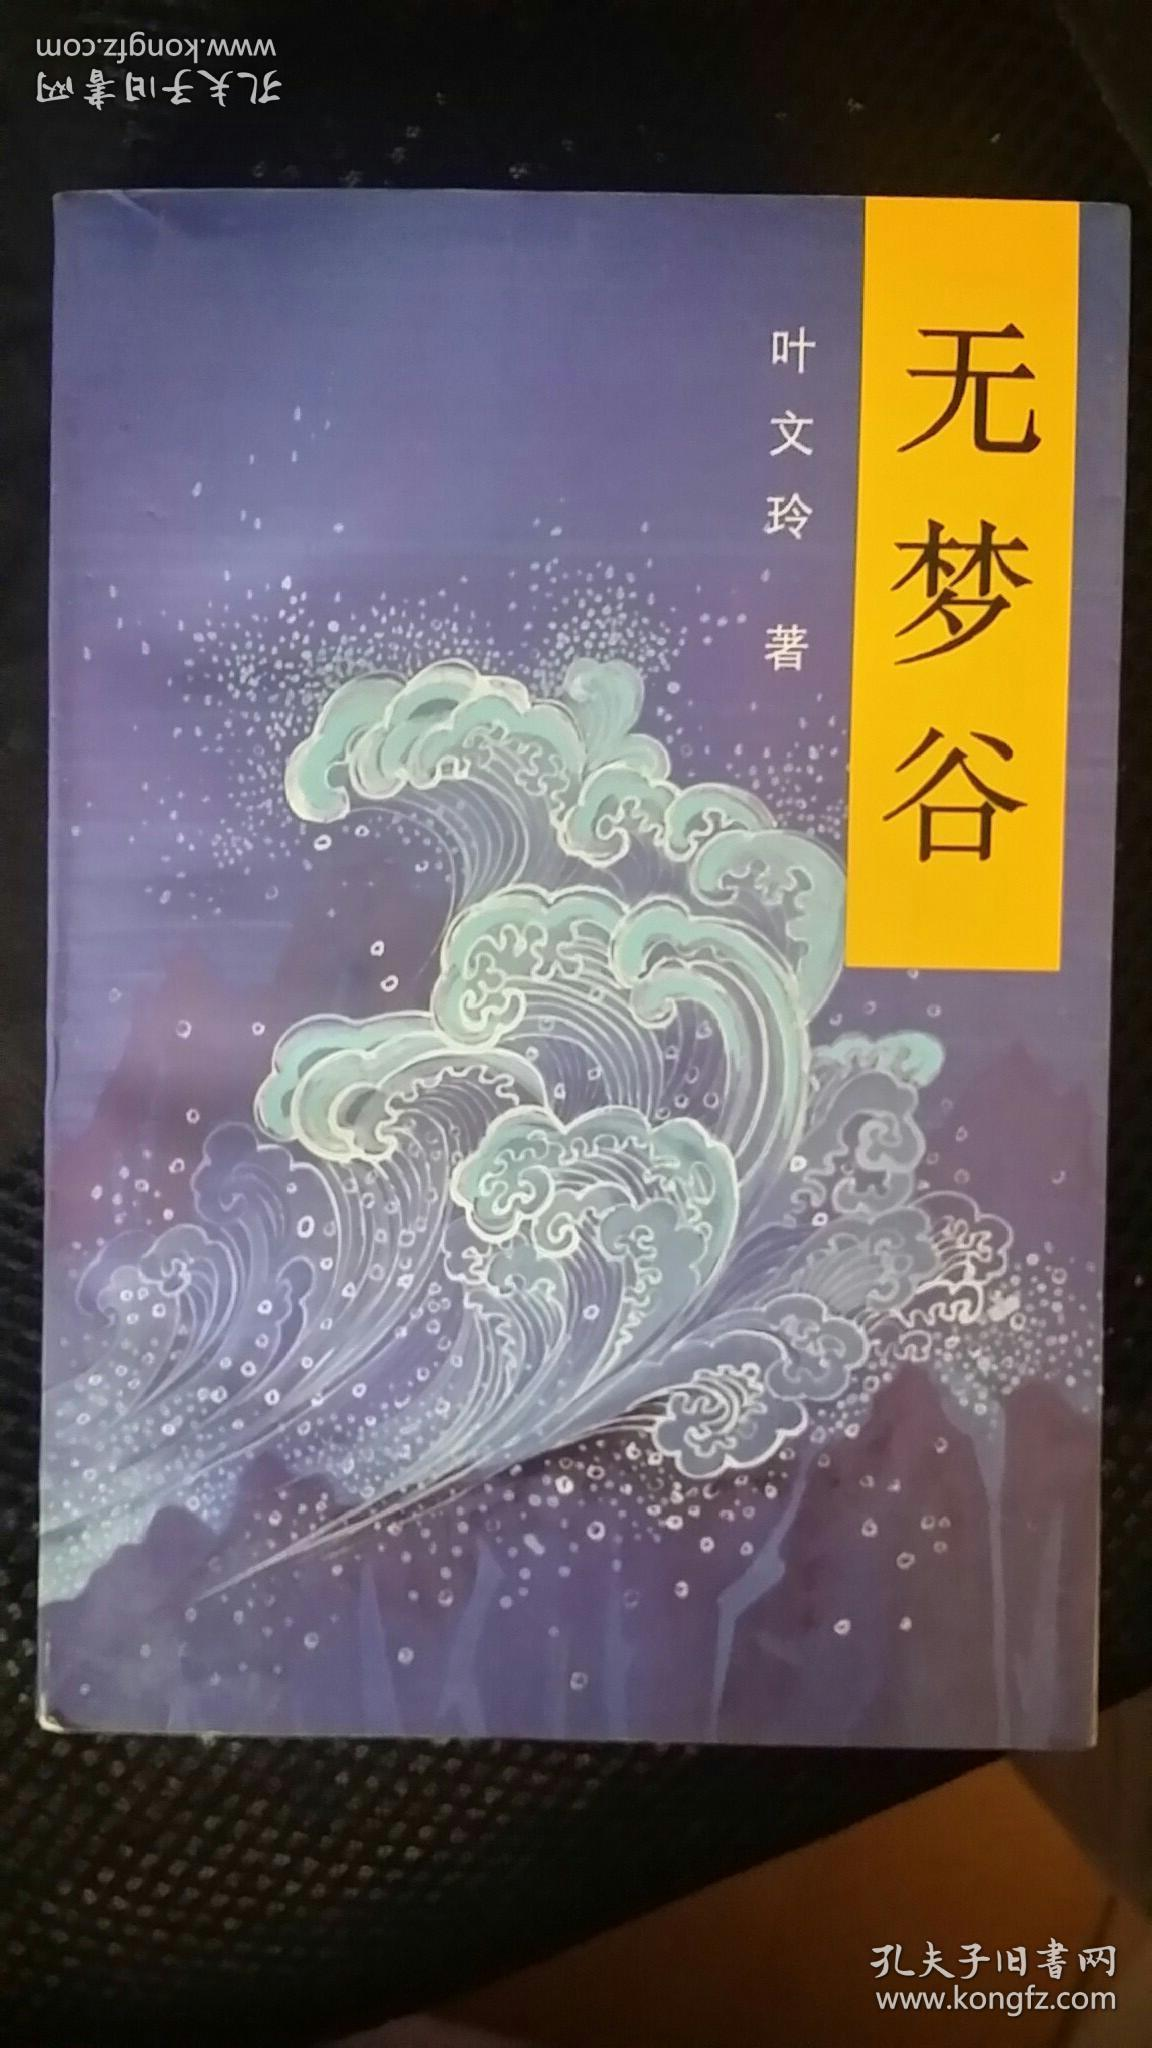 无梦谷 叶文玲代表作_叶文玲_孔夫子旧书网图片